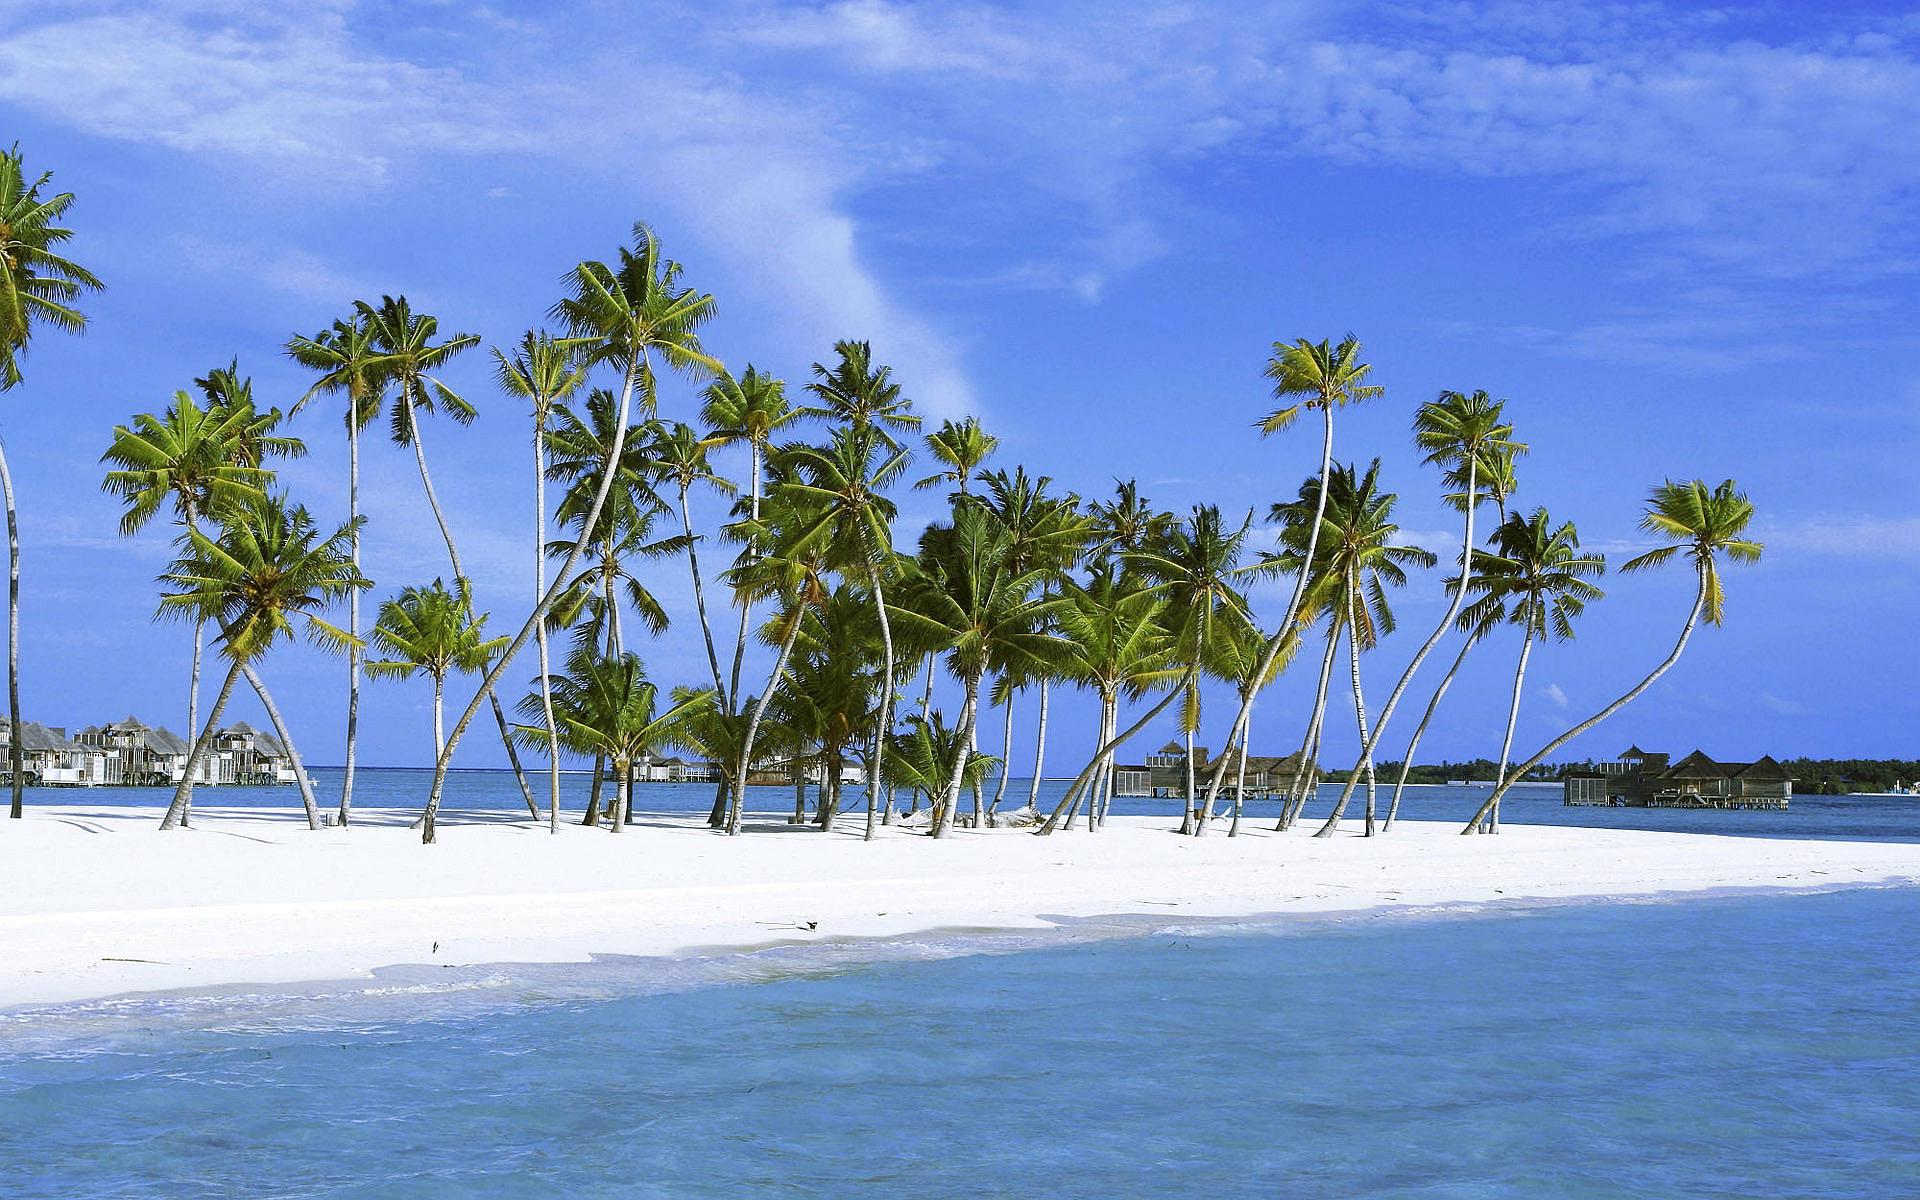 Beach Palms Maldives